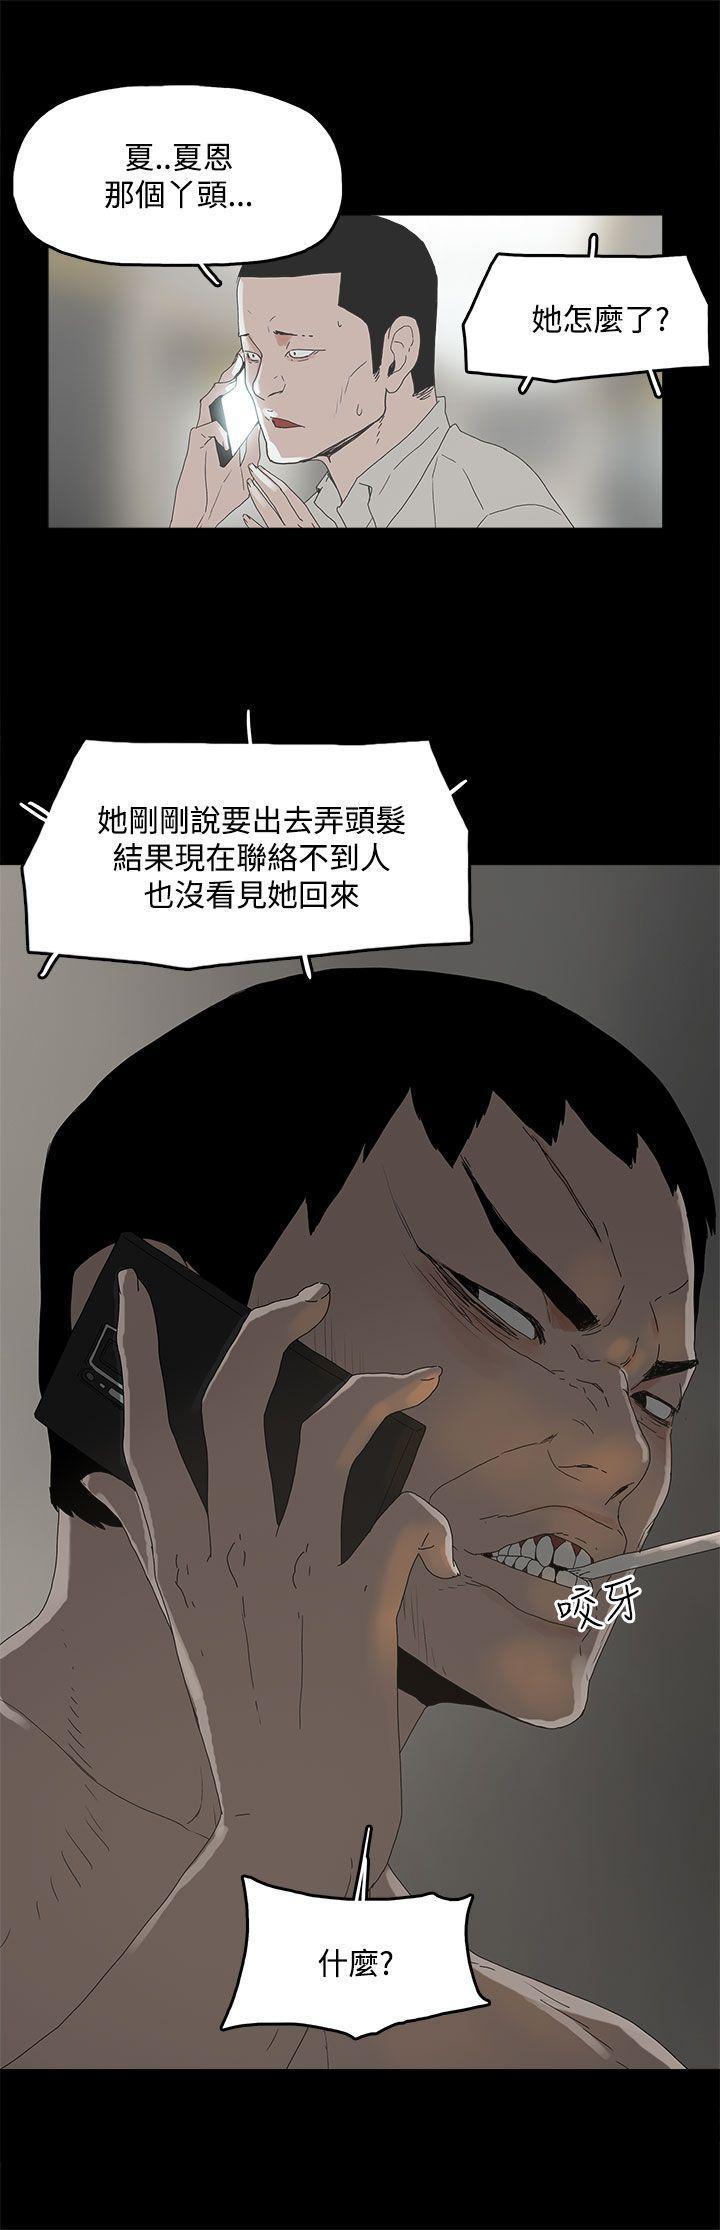 代理孕母 4 [Chinese] Manhwa 2